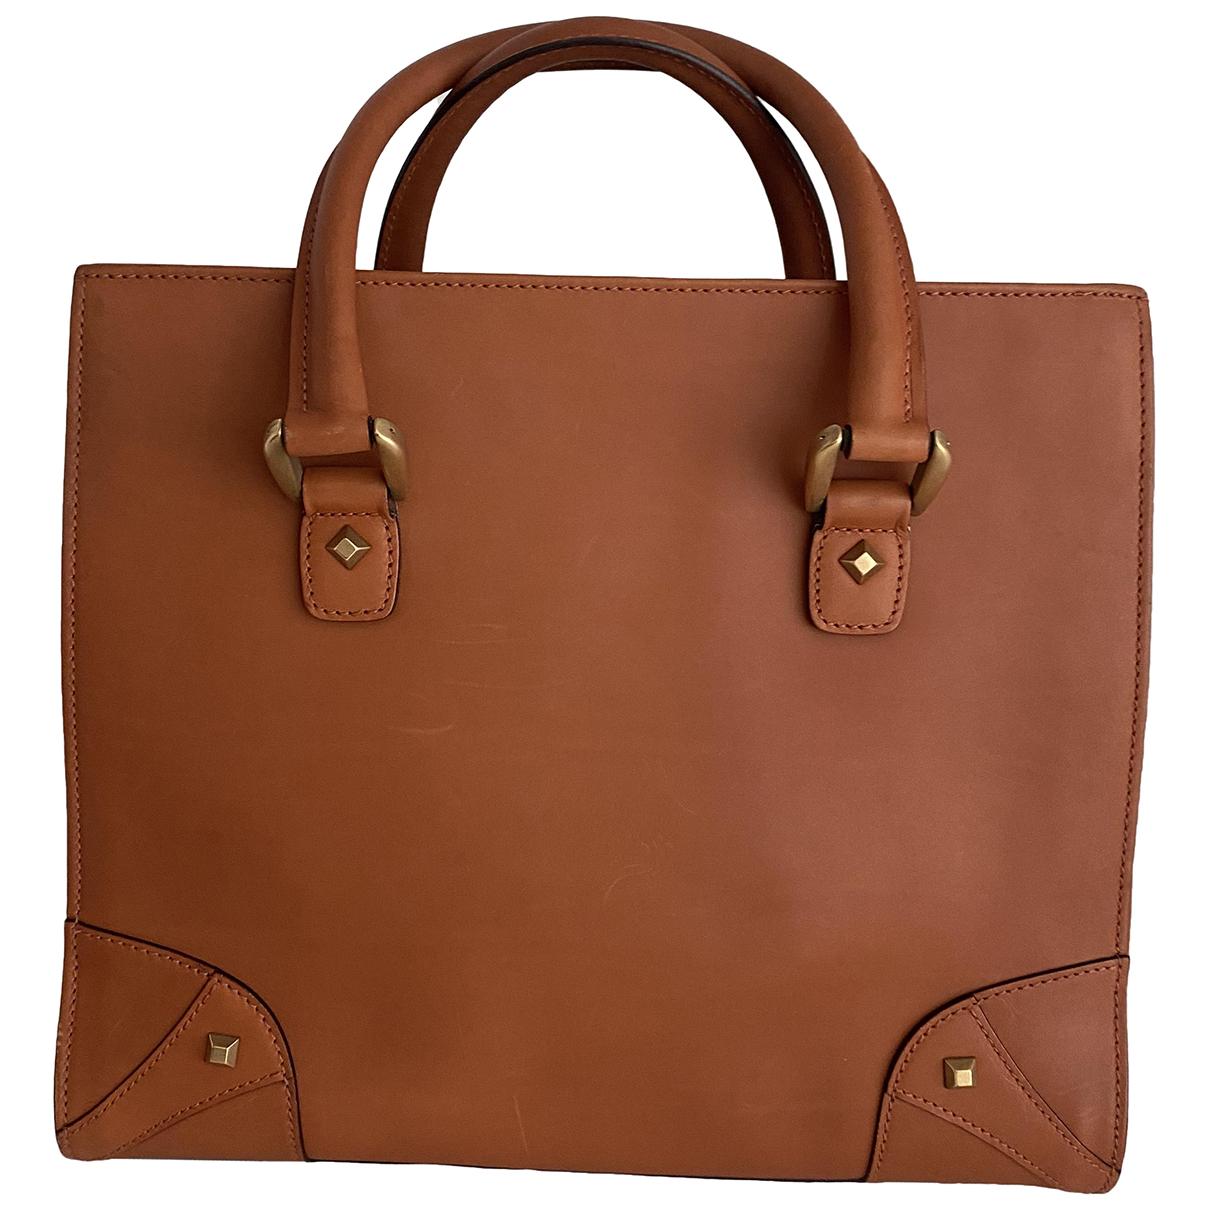 Gucci N Camel Leather handbag for Women N